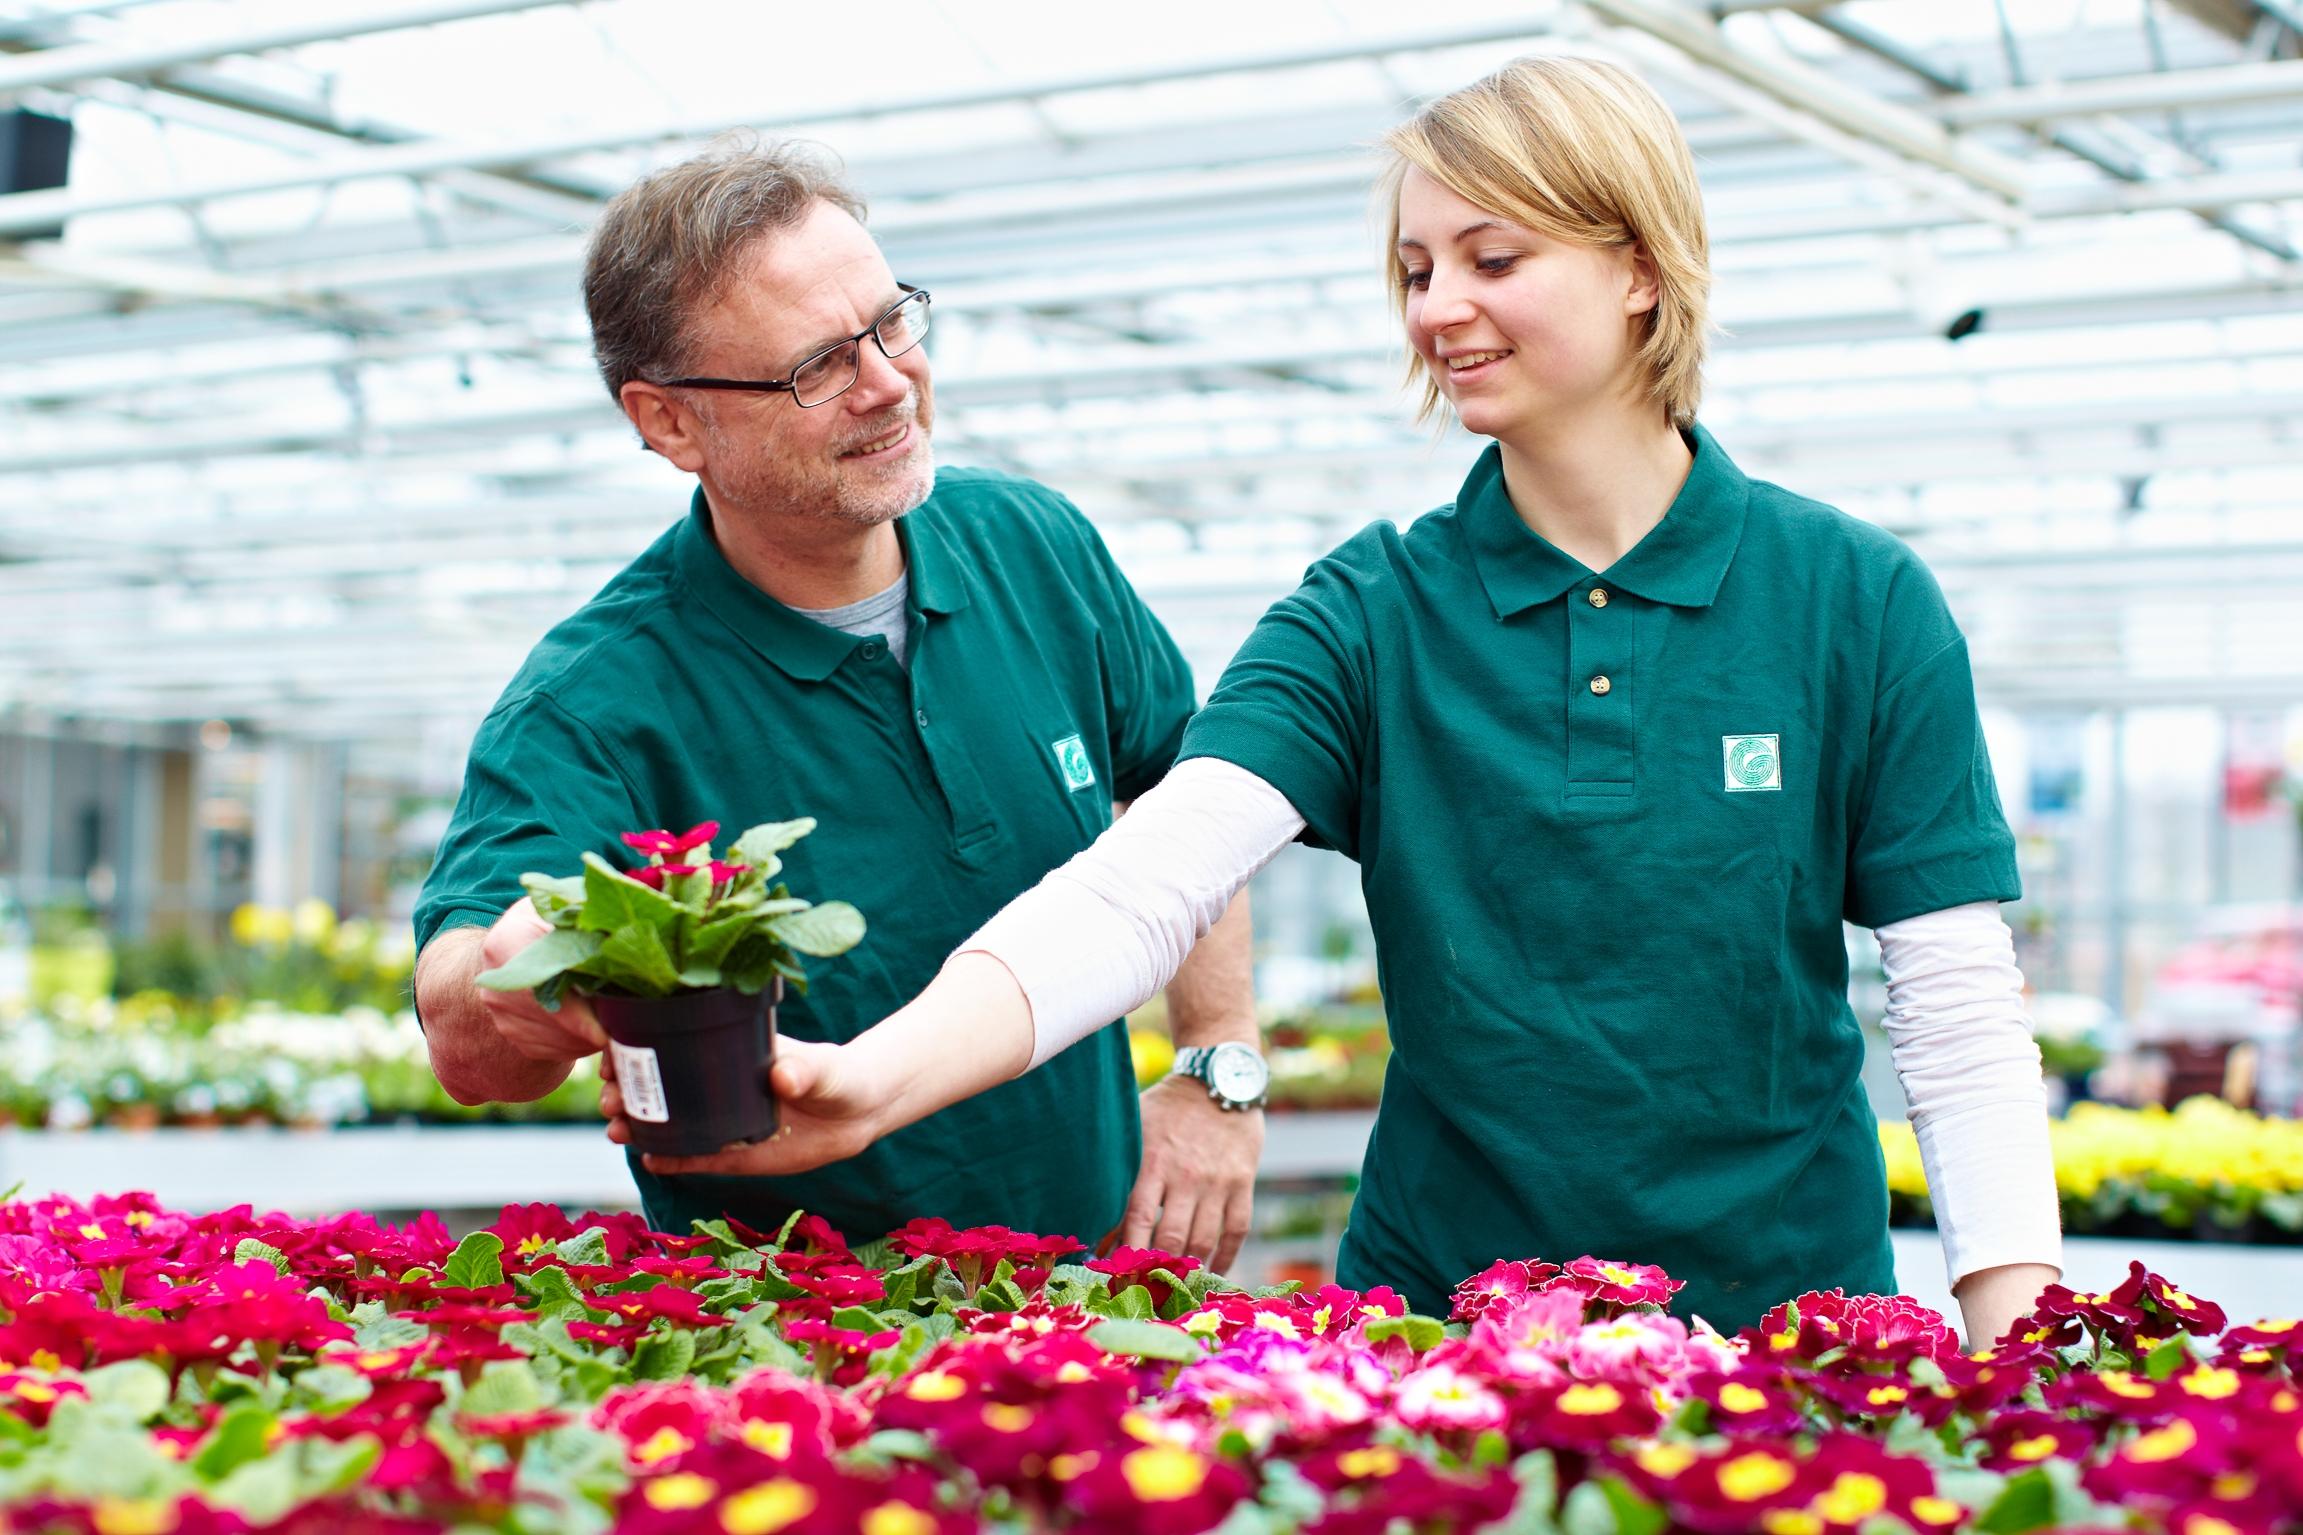 Engagierte Zierpflanzengärtner lassen es zu jeder Jahreszeit blühen